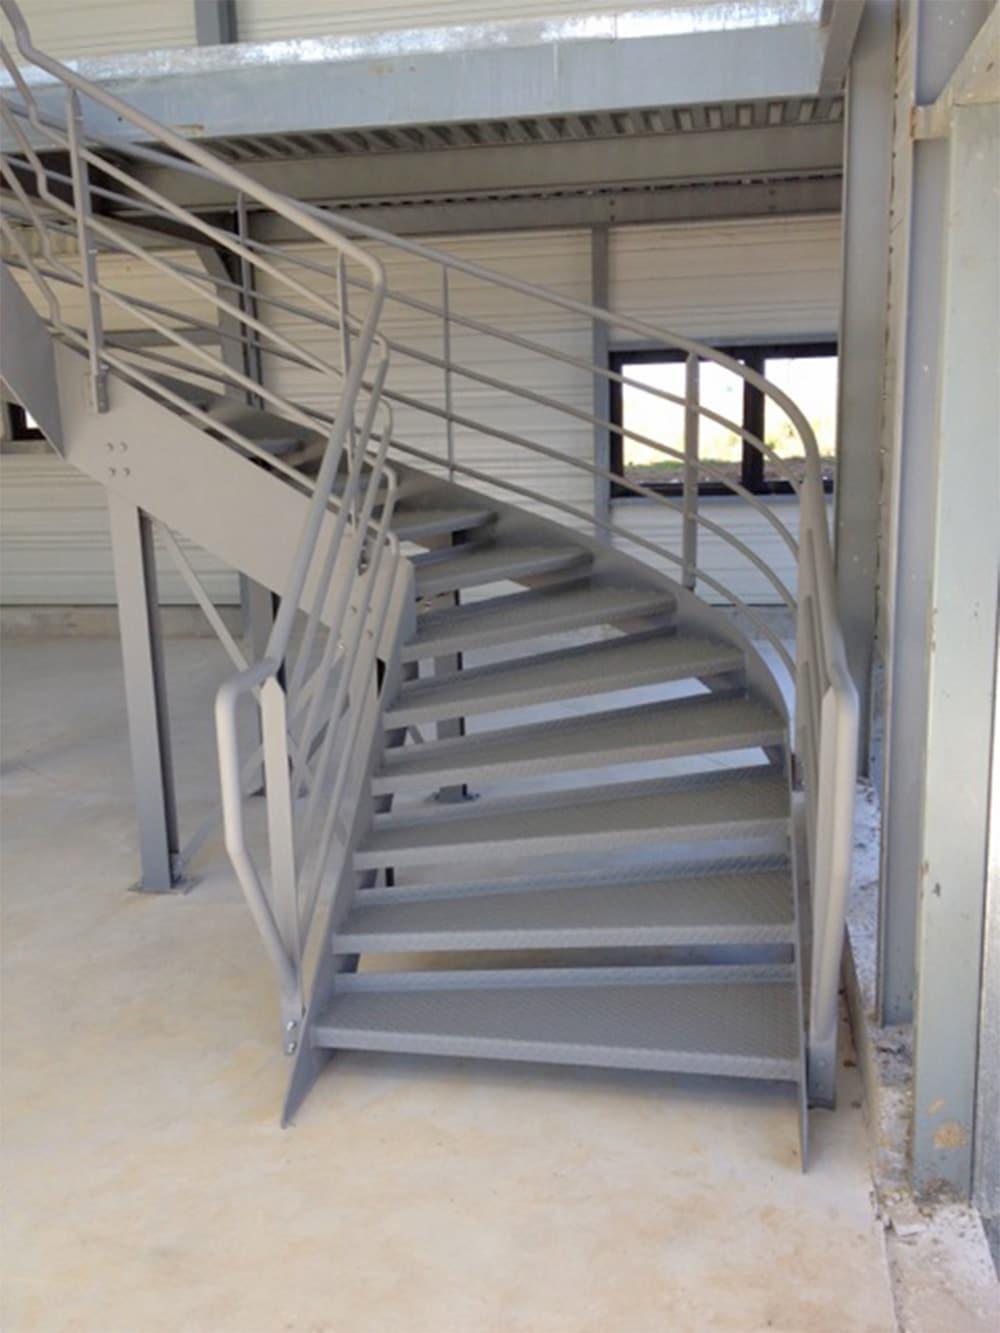 Escalier d'accès à une mezzanine dans bâtiment industriel